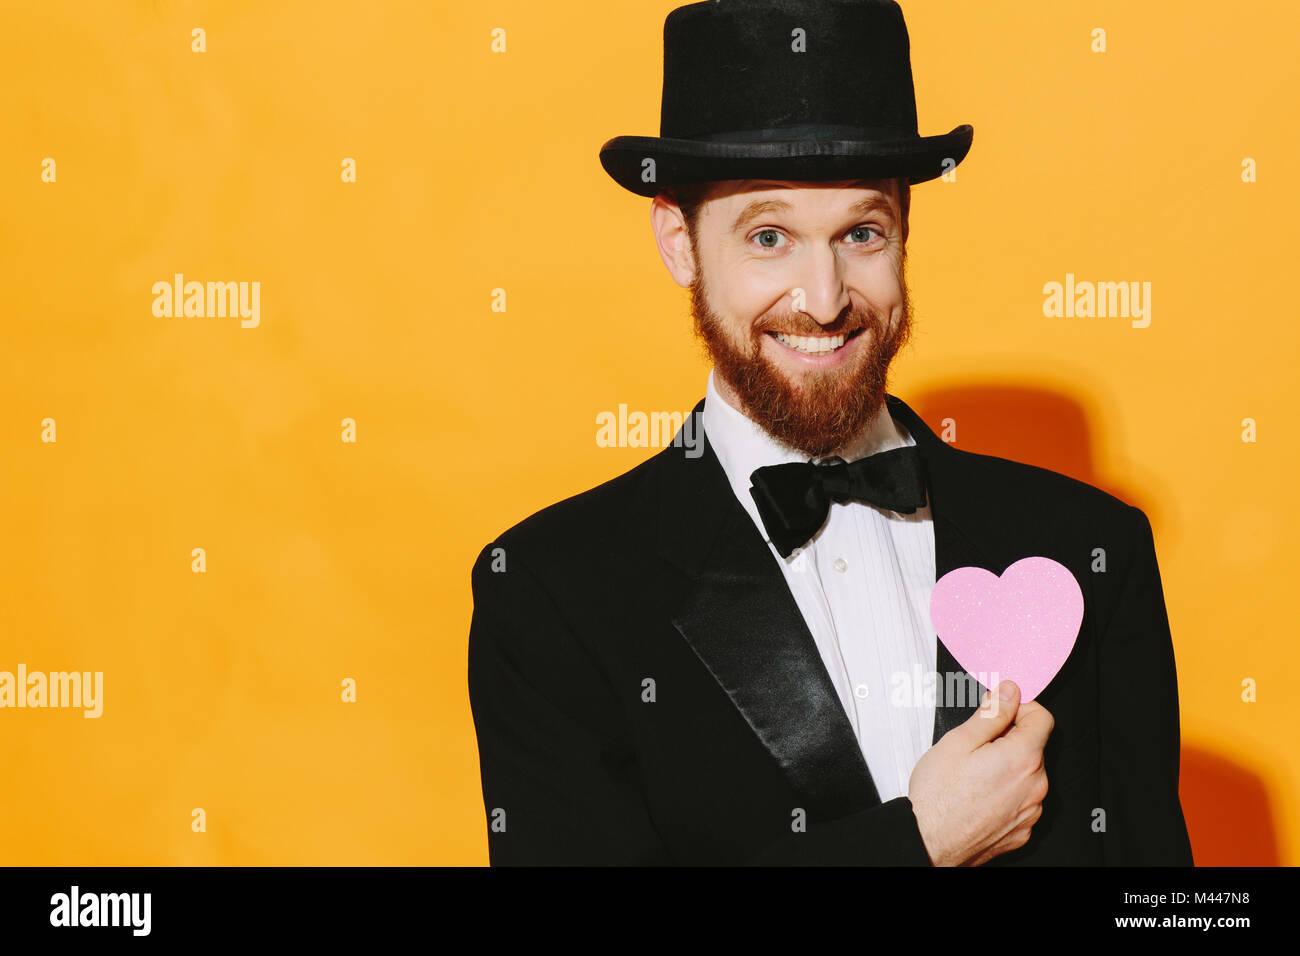 Hombre sonriendo esperanzado con top hat sosteniendo un corazon rosado, mi amor... Imagen De Stock